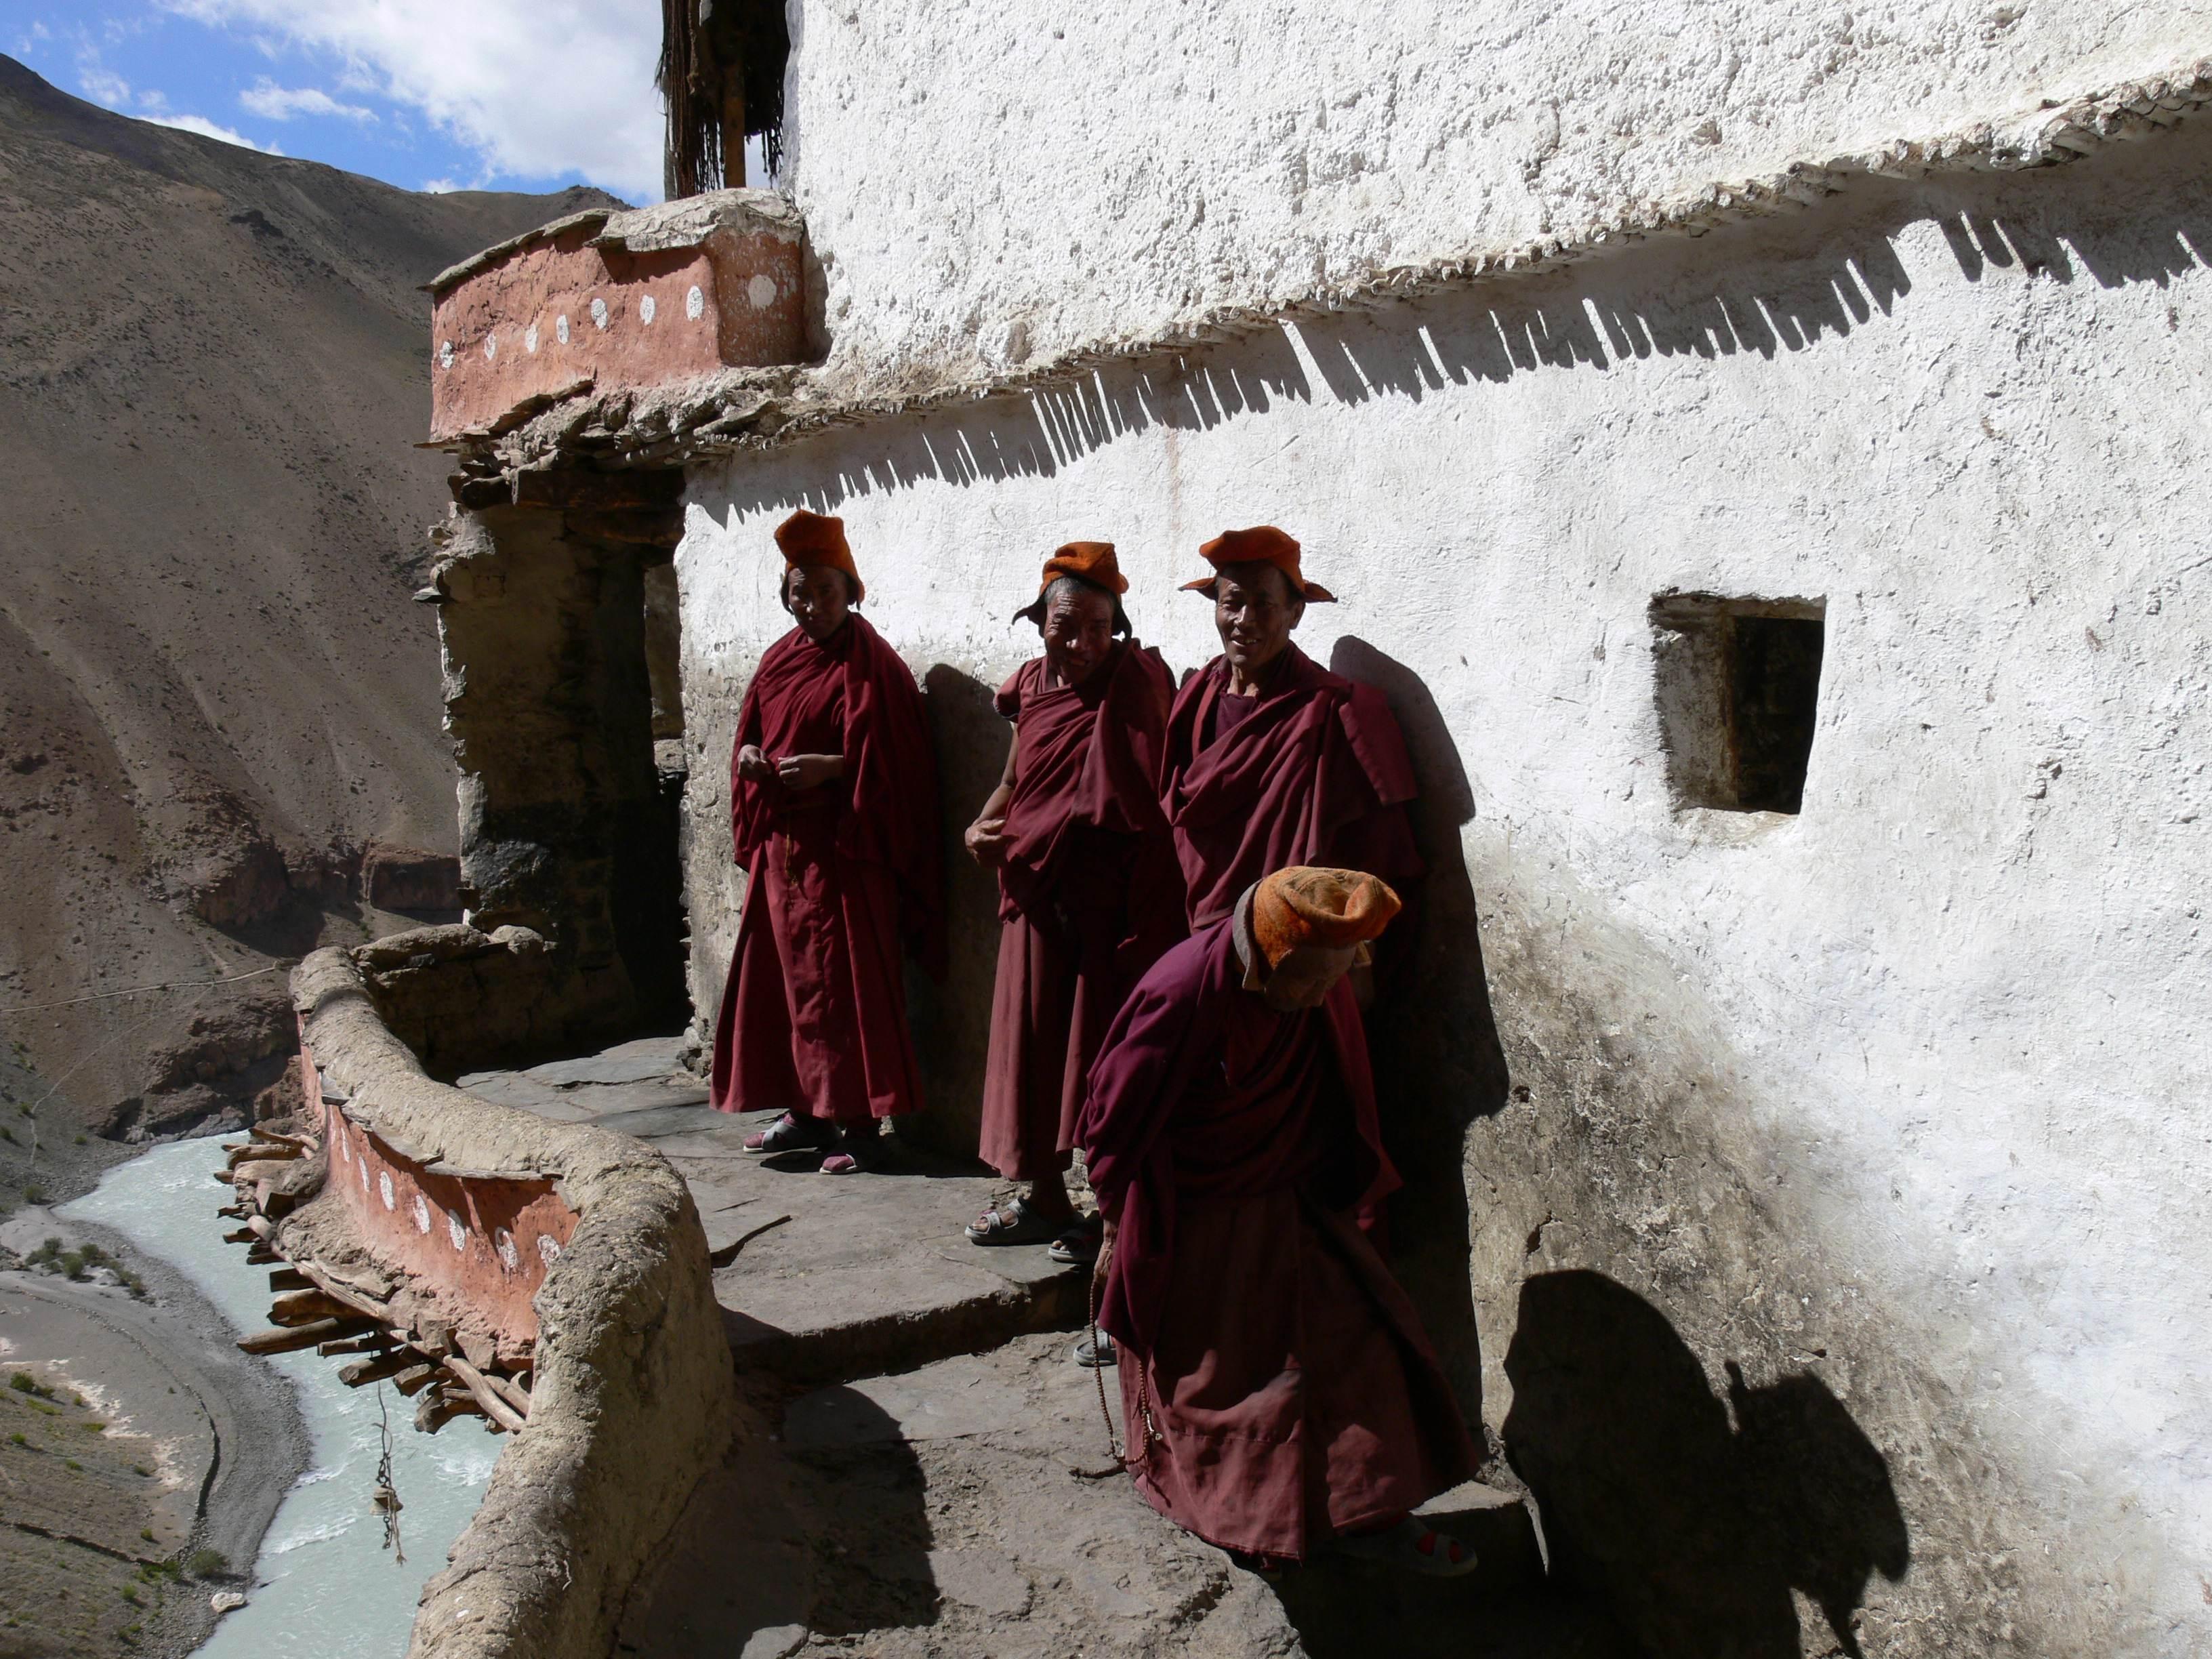 Pierre Guerrini tire la sonnette d'alarme : le Tibet se meurt - 13 novembre 2014 dans Tibet